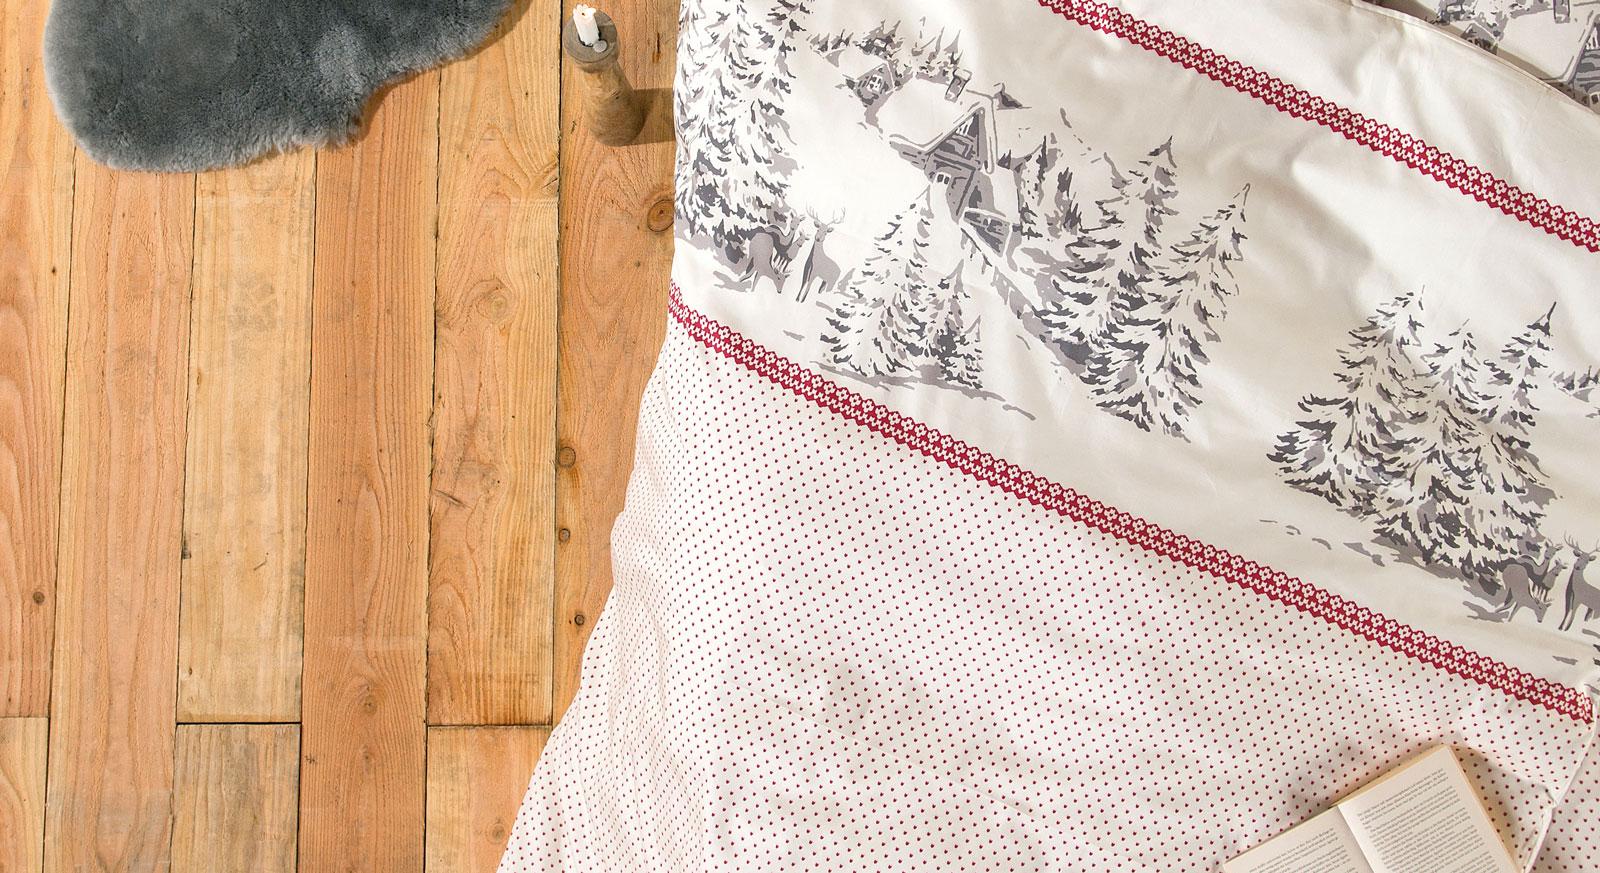 Feinflanell-Bettwäsche Winterlove mit winterlichem Motiv